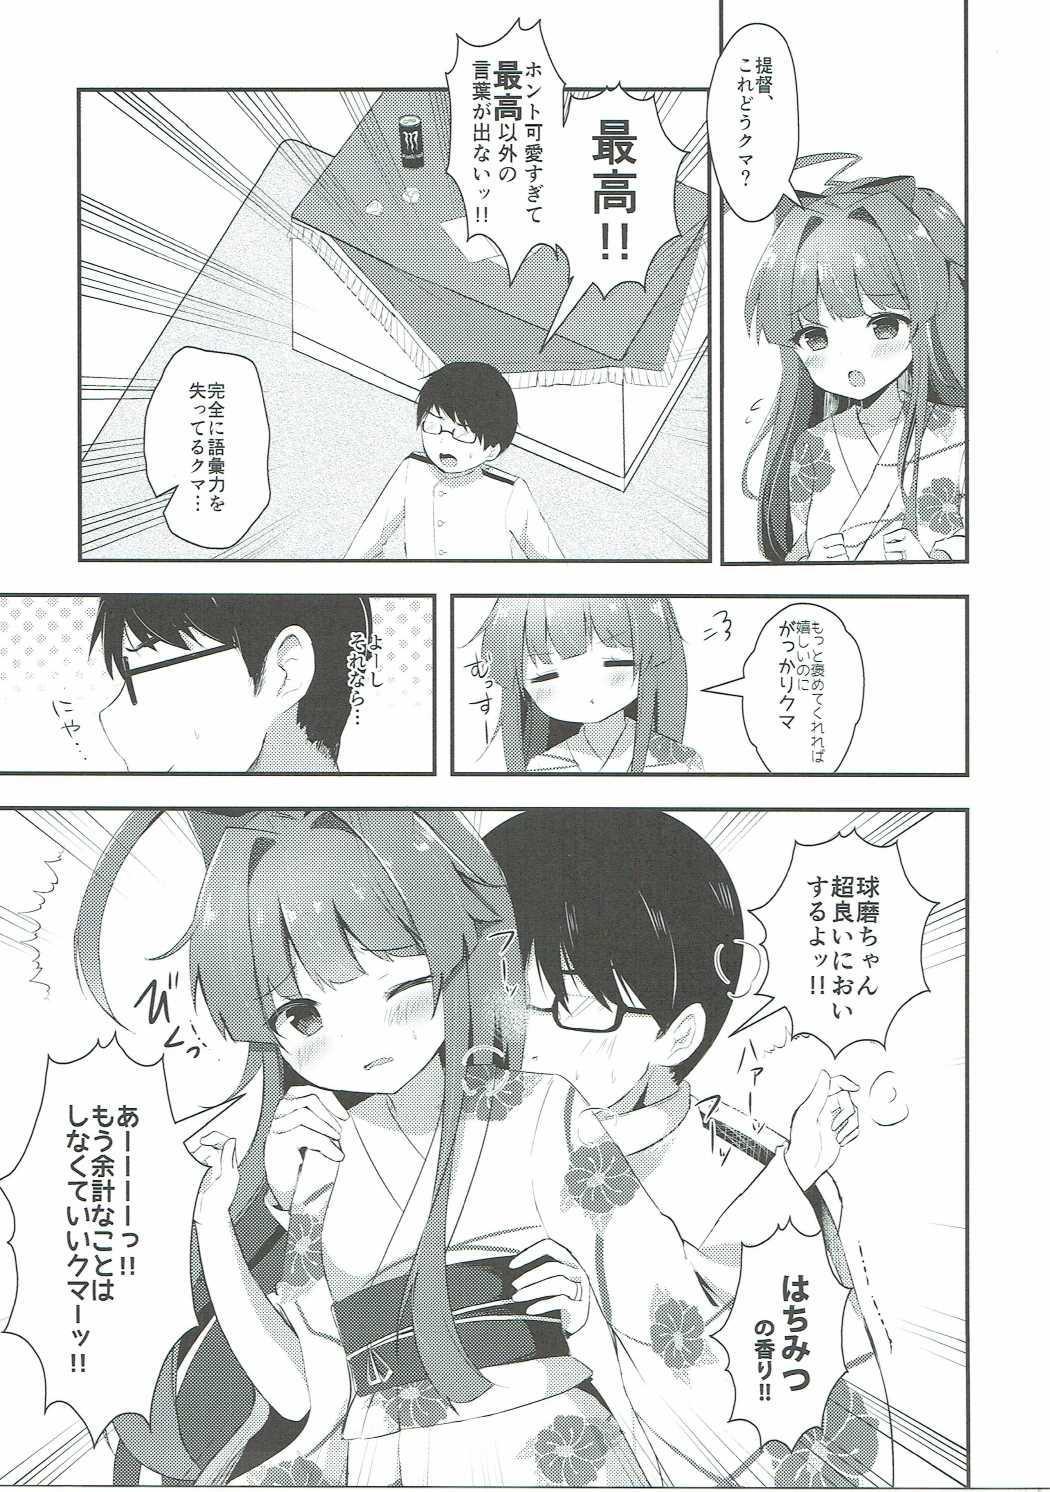 Kuma-chan wa Amai Hachimitsu no Kaori 5